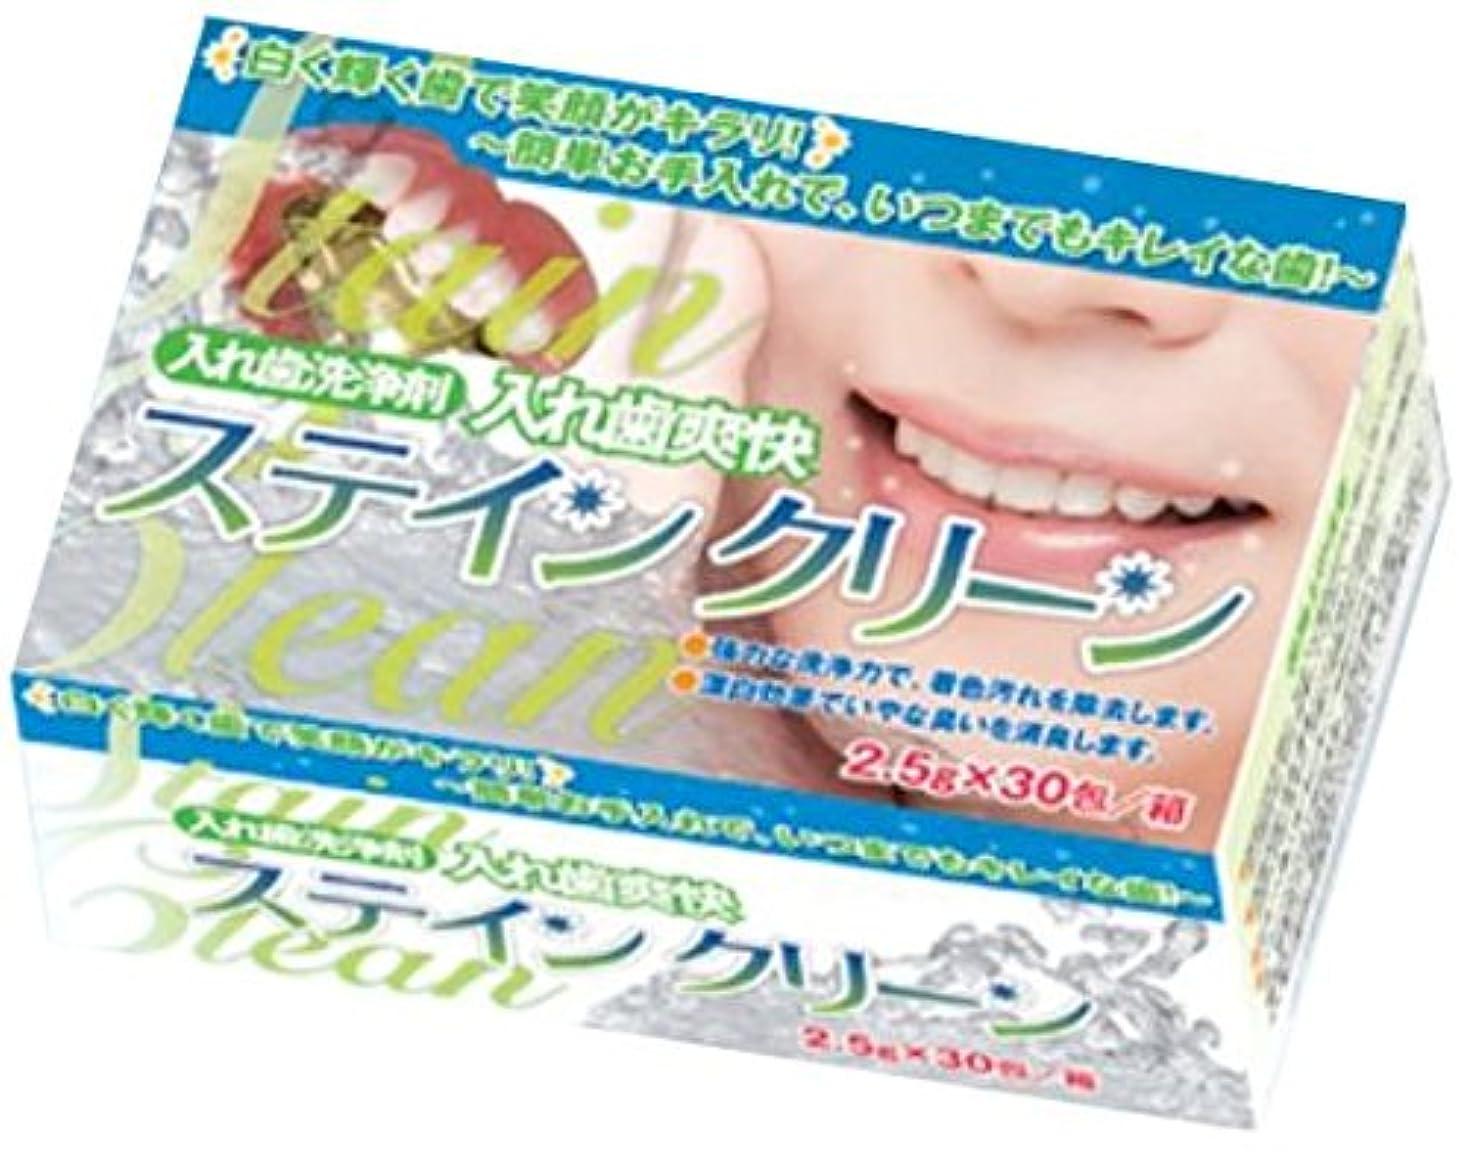 特性次専門知識入れ歯爽快 ステインクリーン 1箱(2.5g × 30包入り) 歯科医院専売品 (1箱)